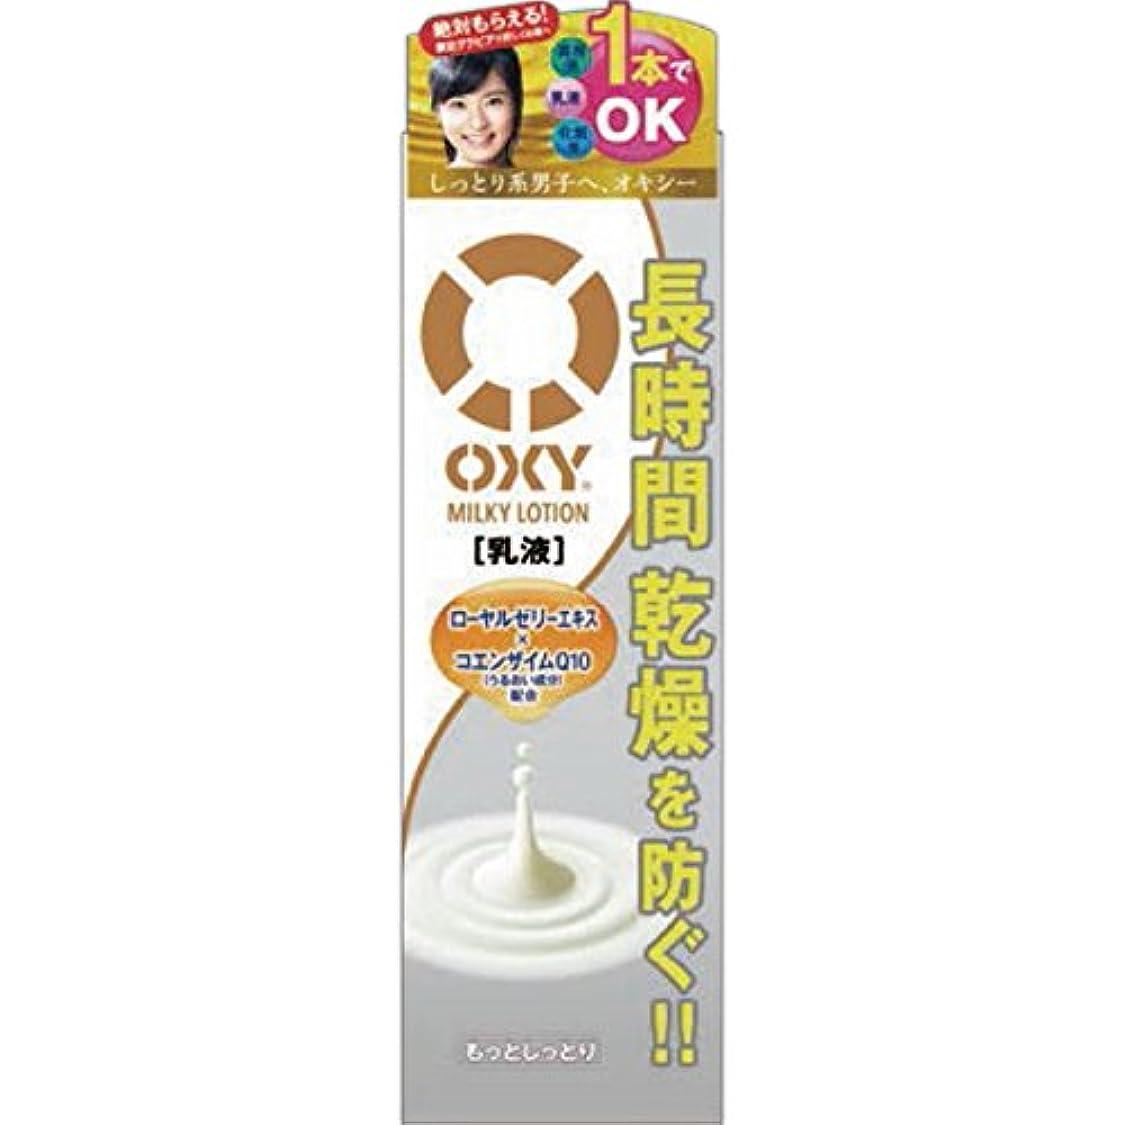 砂利ちらつきアウターオキシー (Oxy) ミルキーローション オールインワン乳液 スーパーヒアルロン酸×ローヤルゼリー配合 ゼラニウムの香 170mL